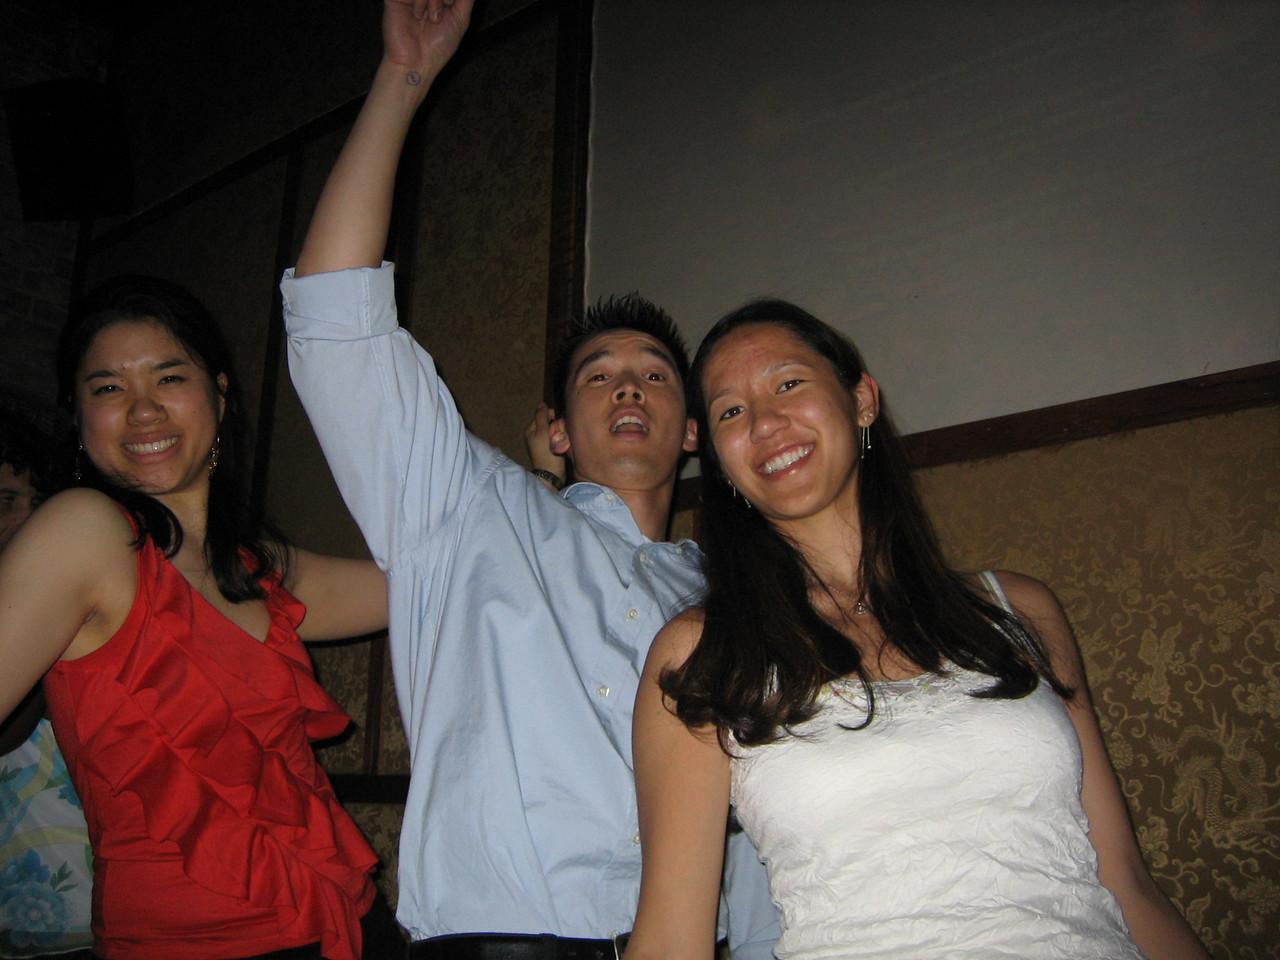 2005 06 04 Saturday - Dragon Bar - Sandwich - Brian Chew's dream comes true